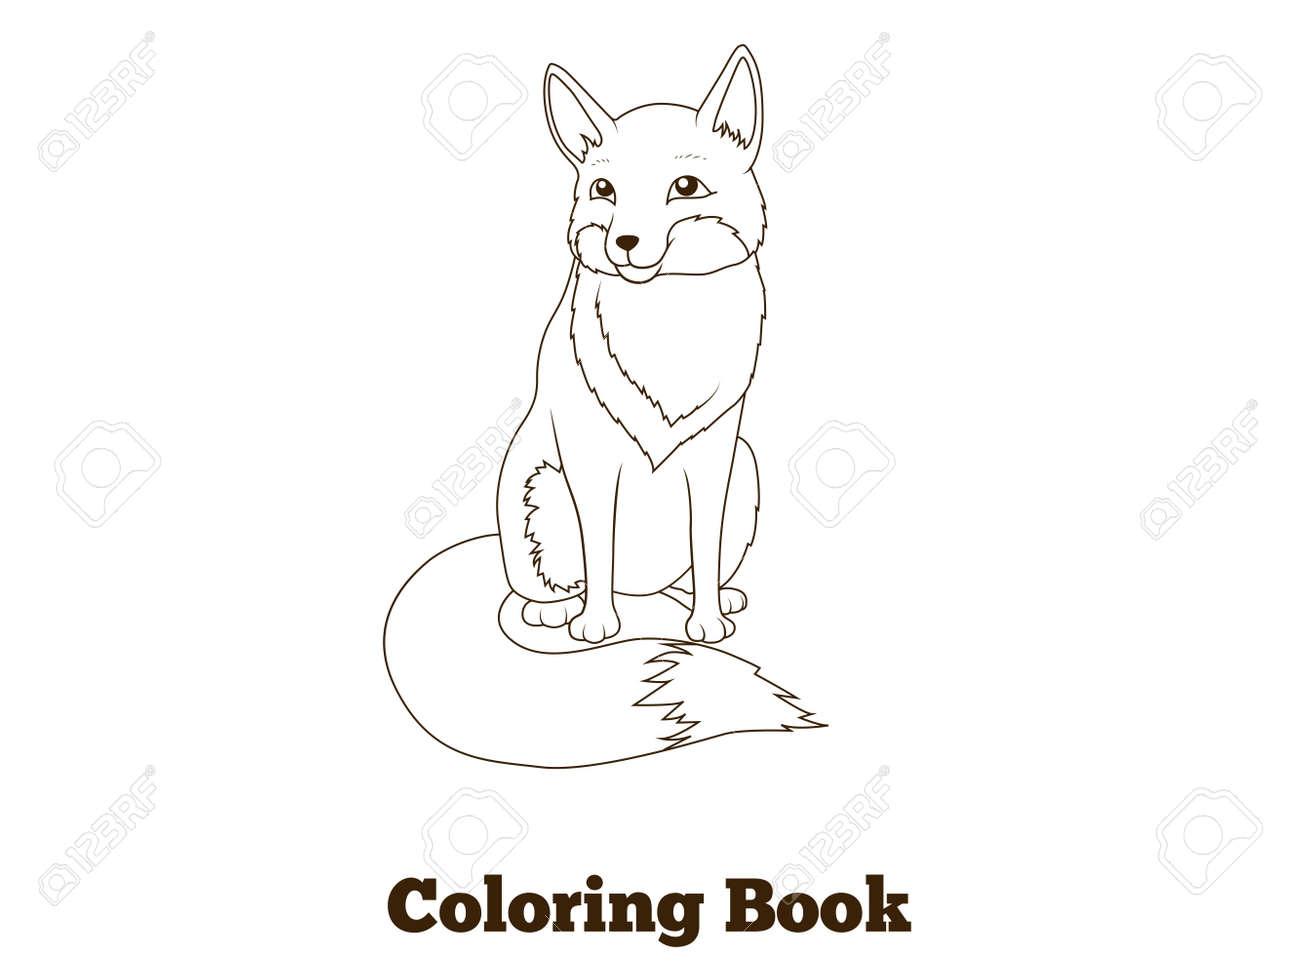 子供のベクトル イラスト本森林動物キツネ漫画を着色 ロイヤリティ